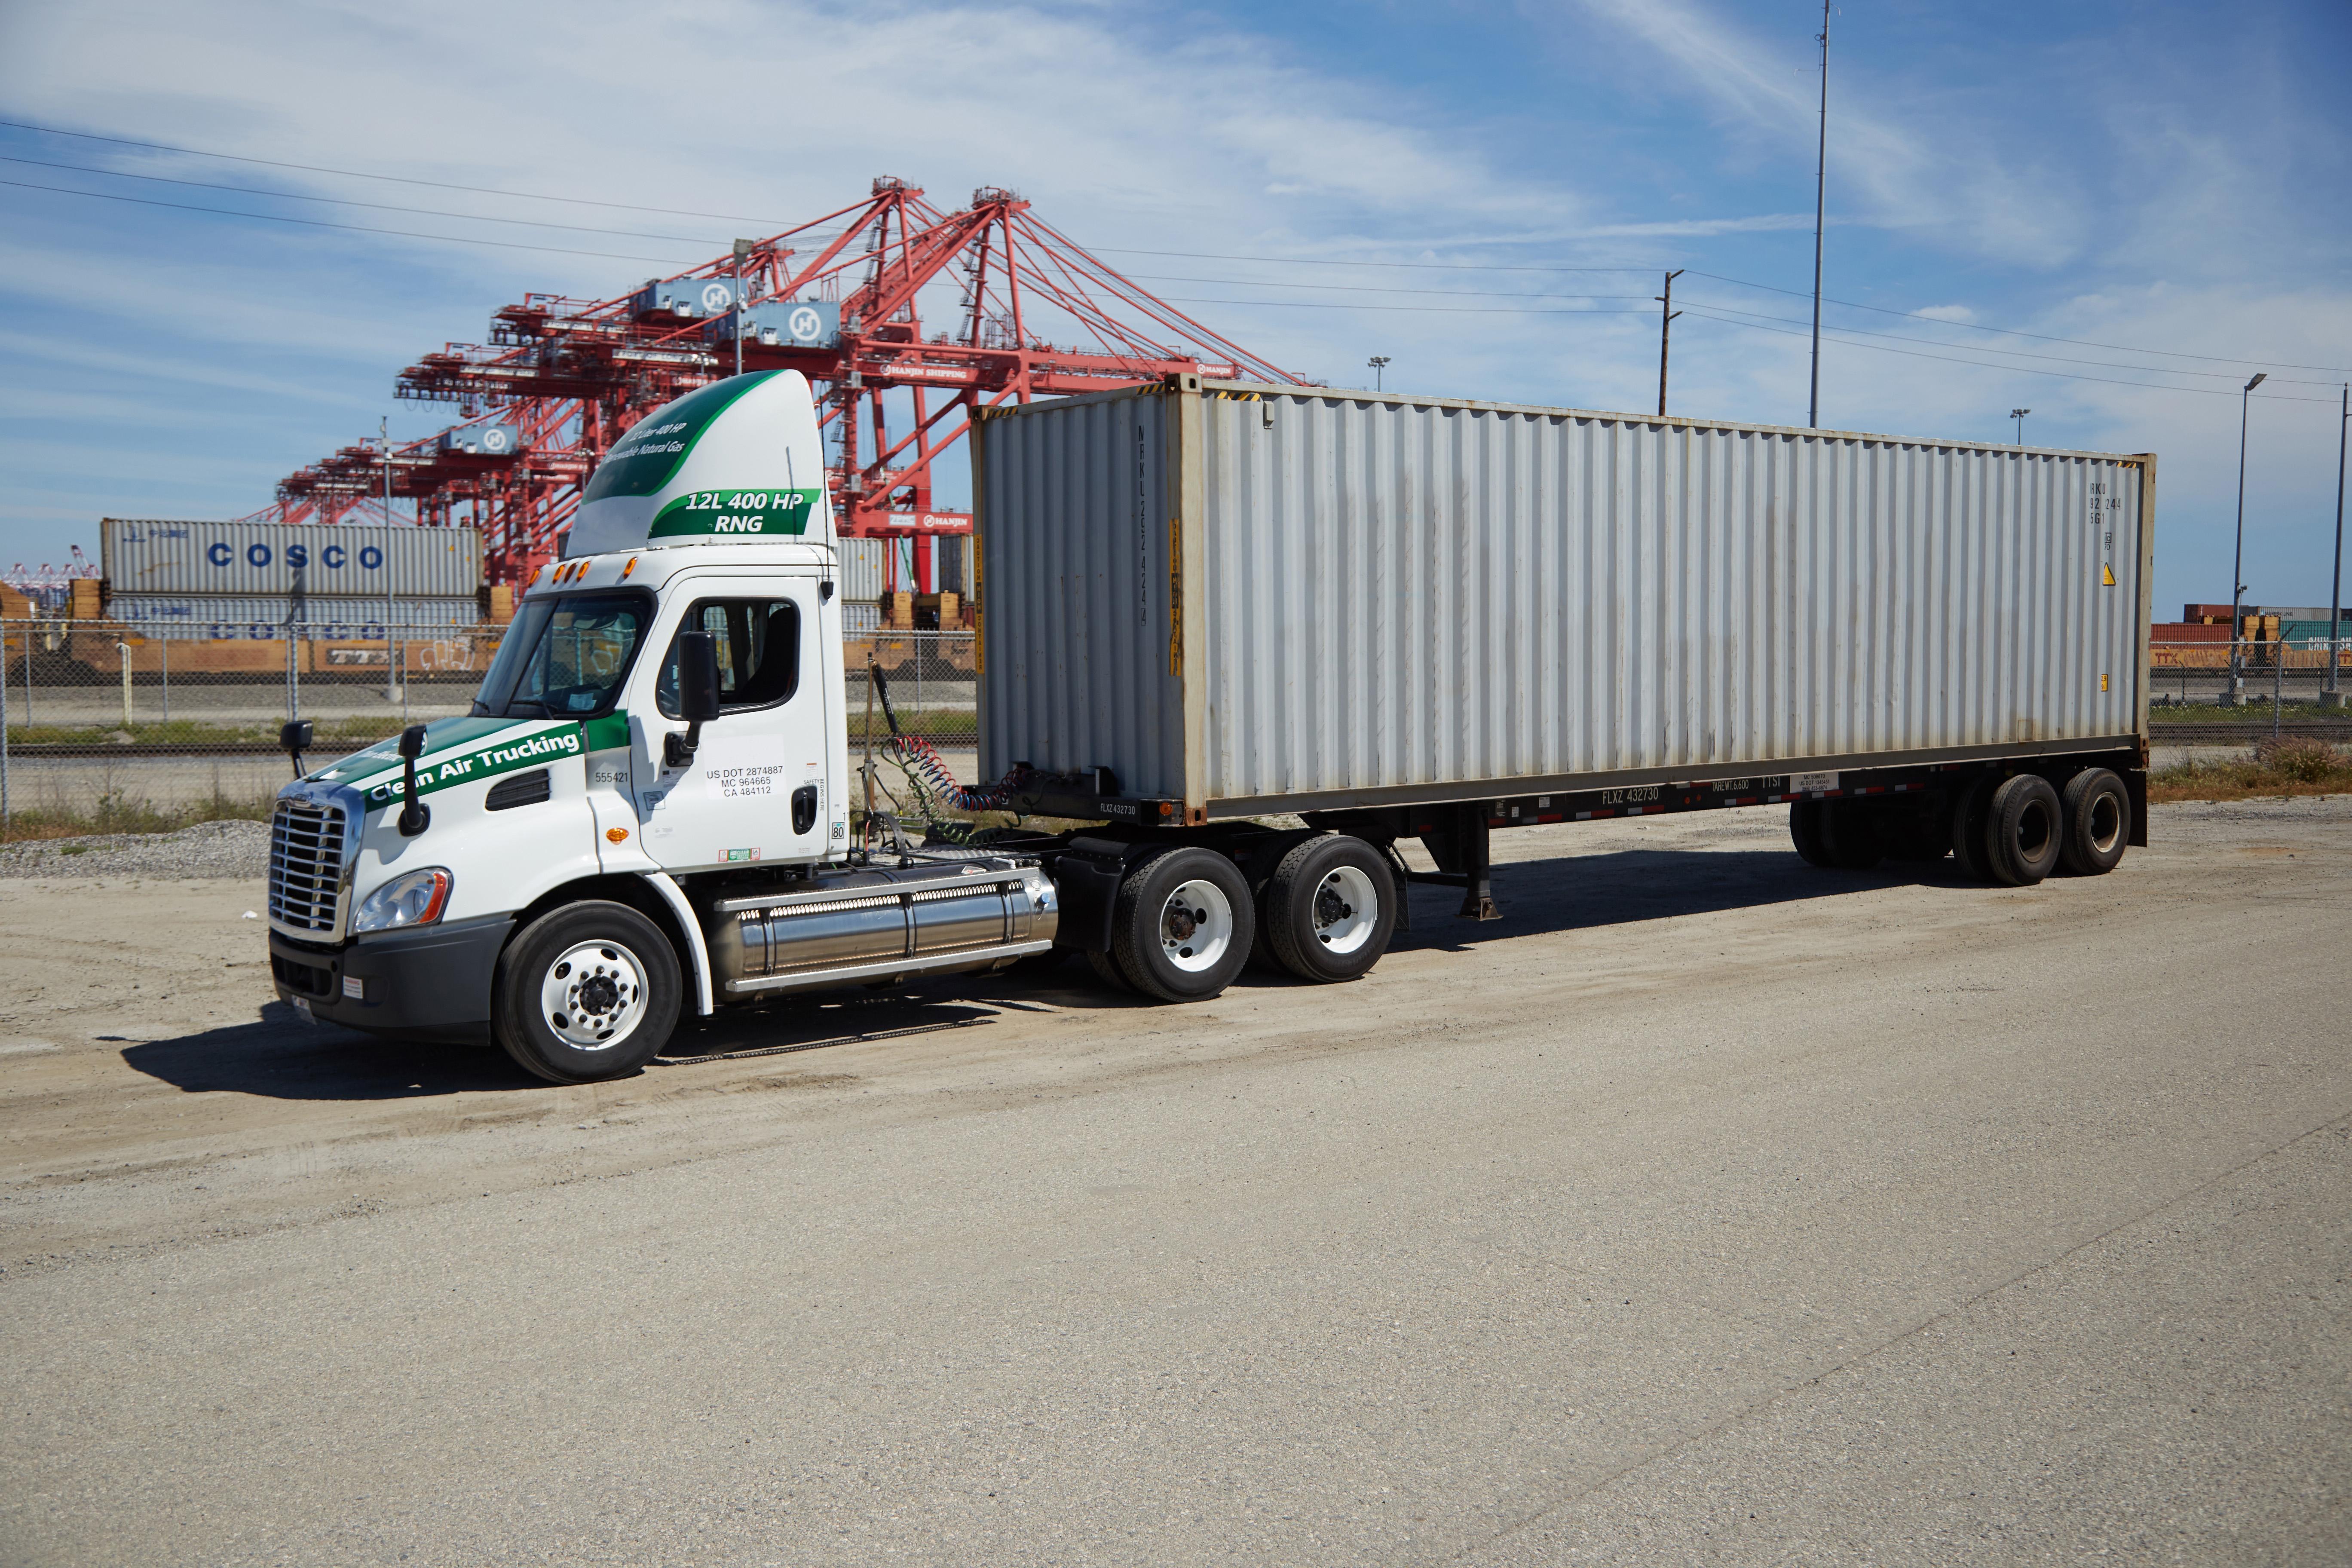 trucking firms